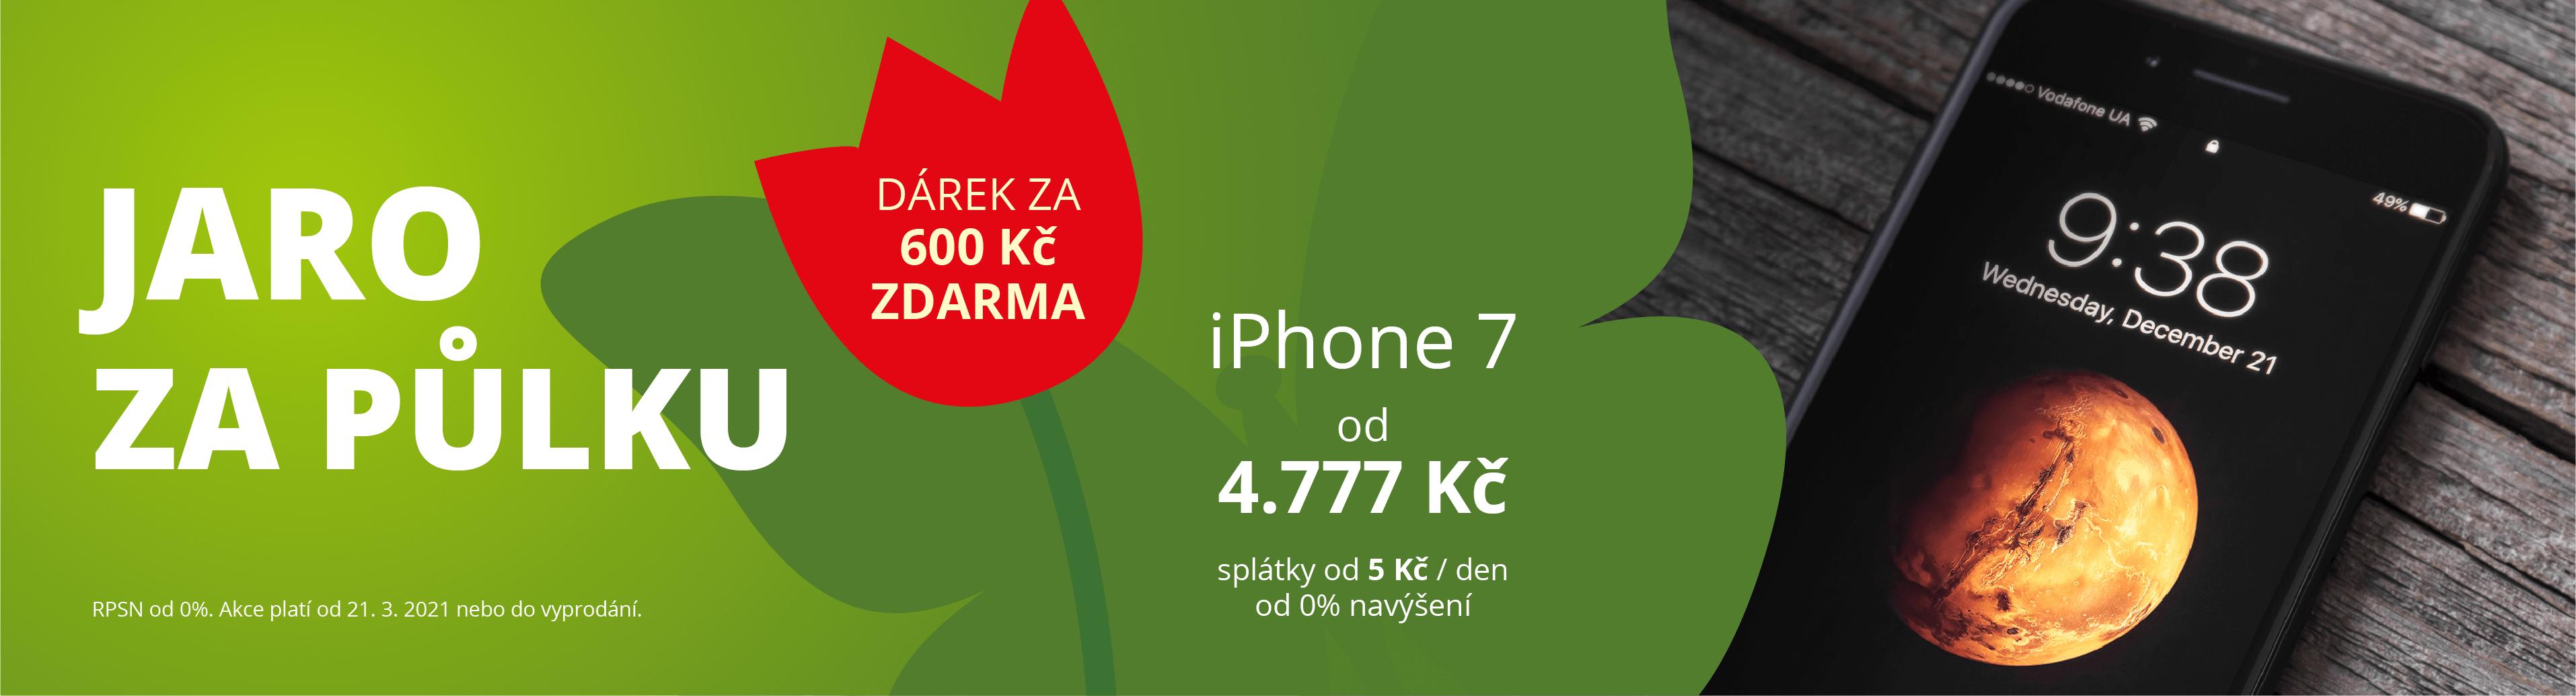 iPHONE 7 jaro 2021 za půlku (DESKTOP)